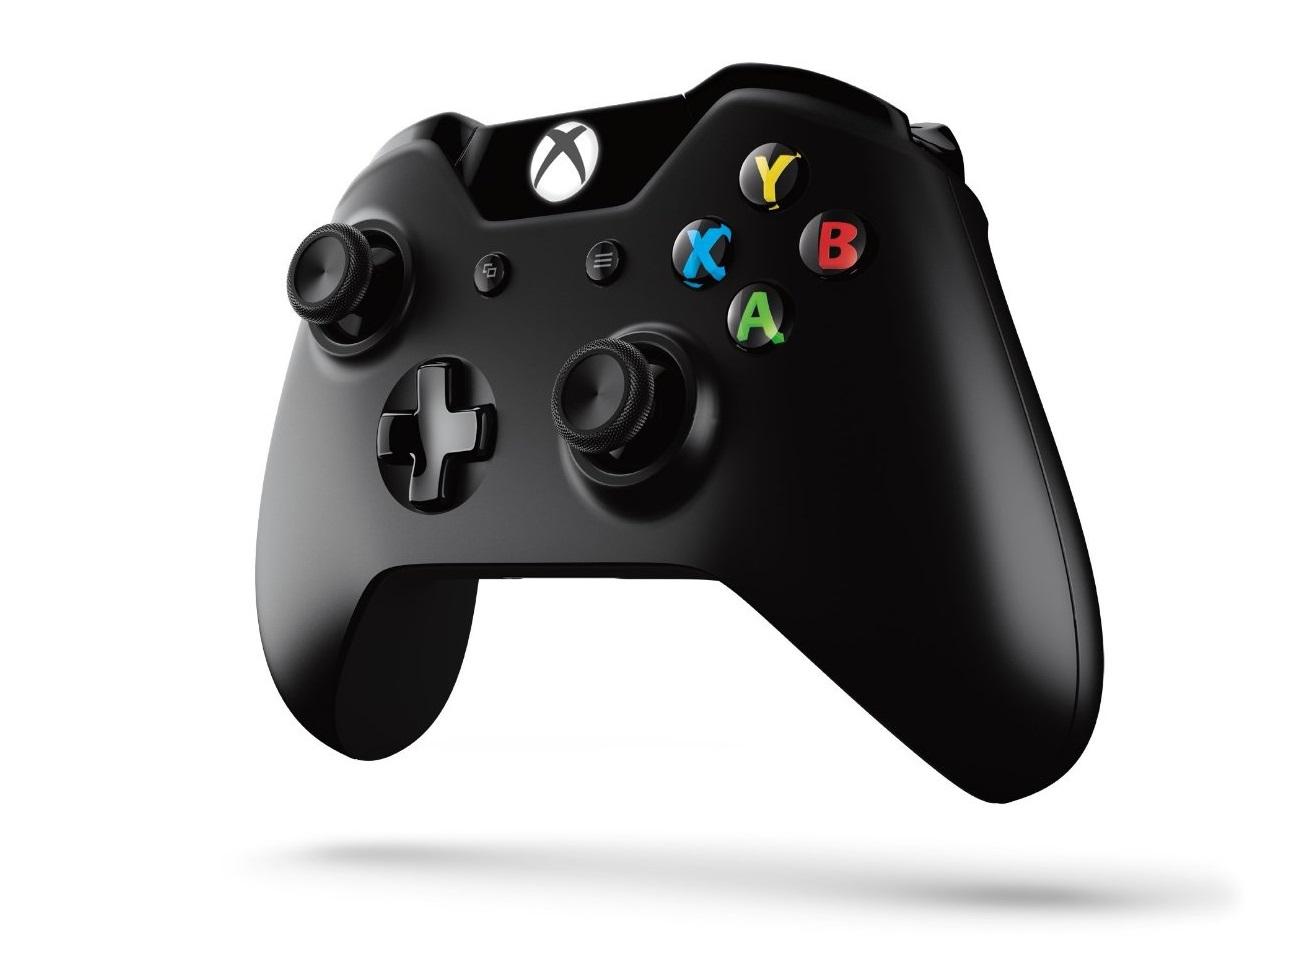 Xbox Oneのコントローラーのドライバが公開されPCでも使用可能に